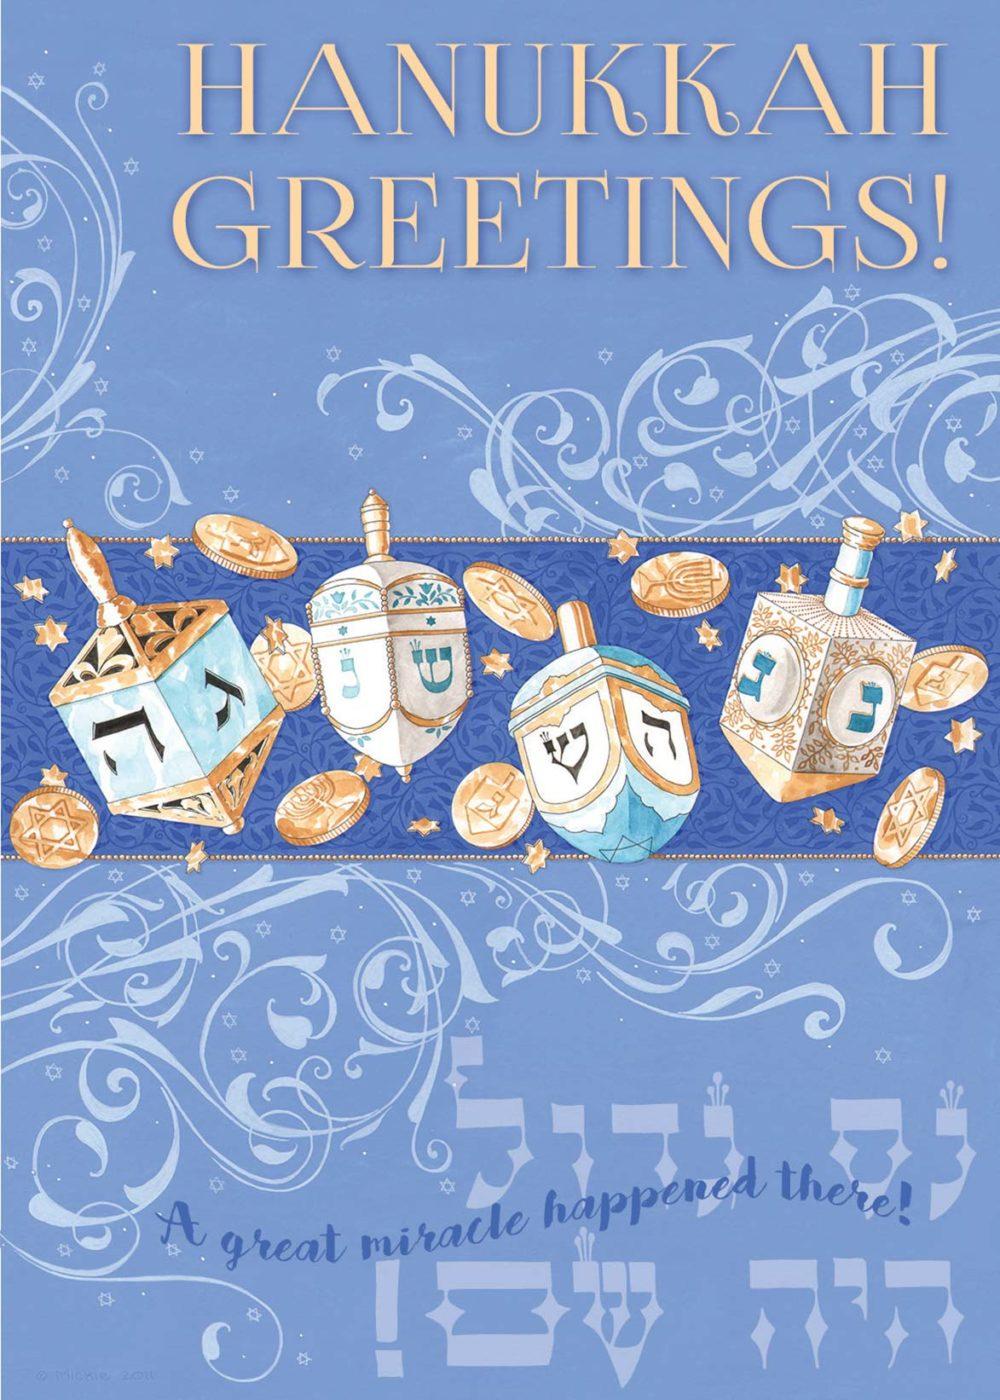 HK3027 Dreidels Hanukkah Greetings Package Cards